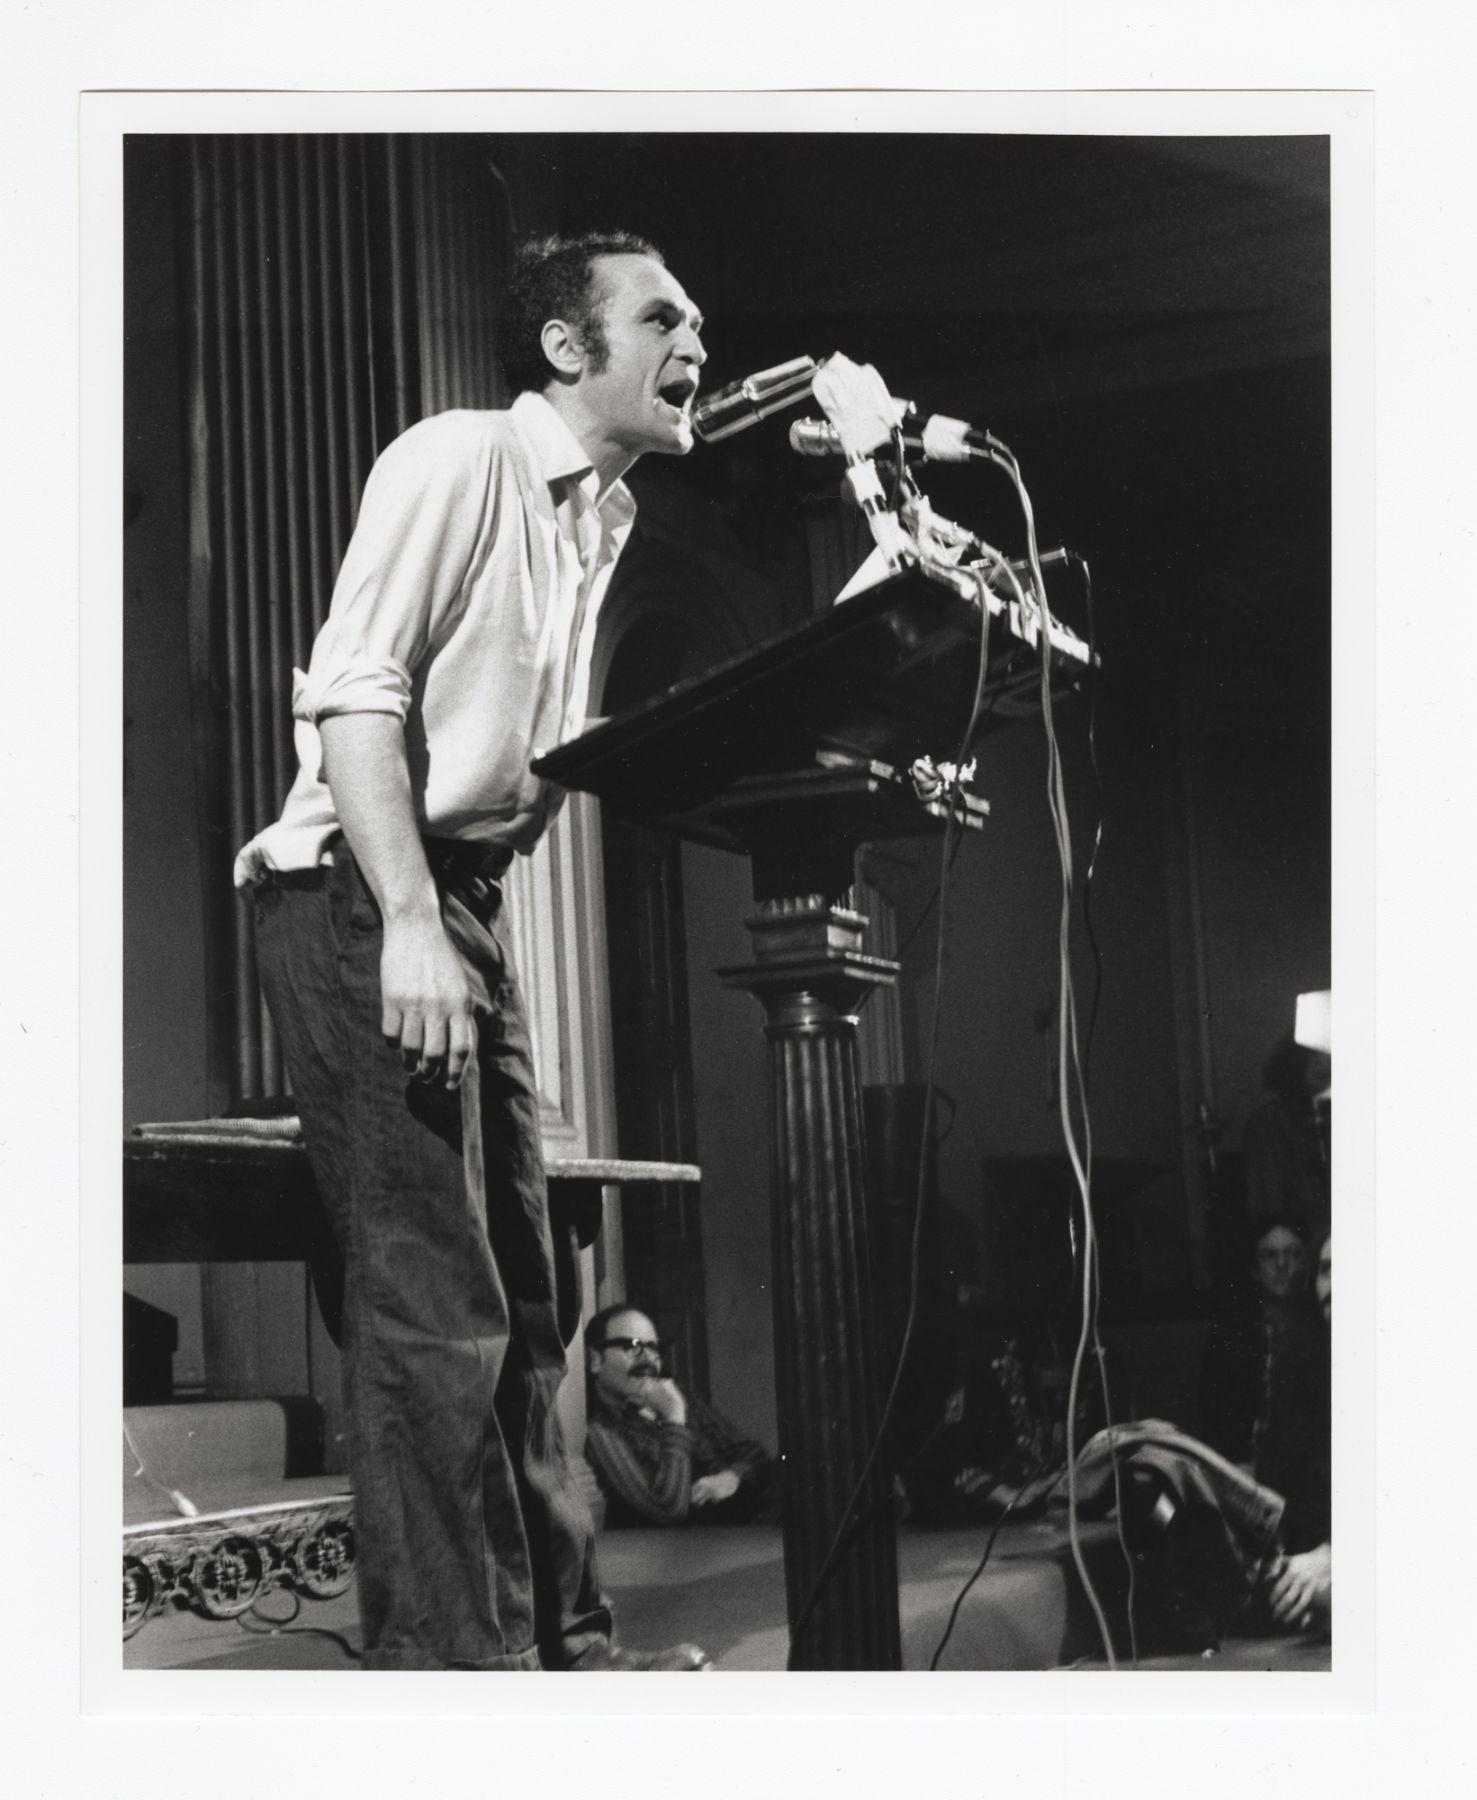 John Giorno performing at St. Mark's Church. New York, April 28 1974